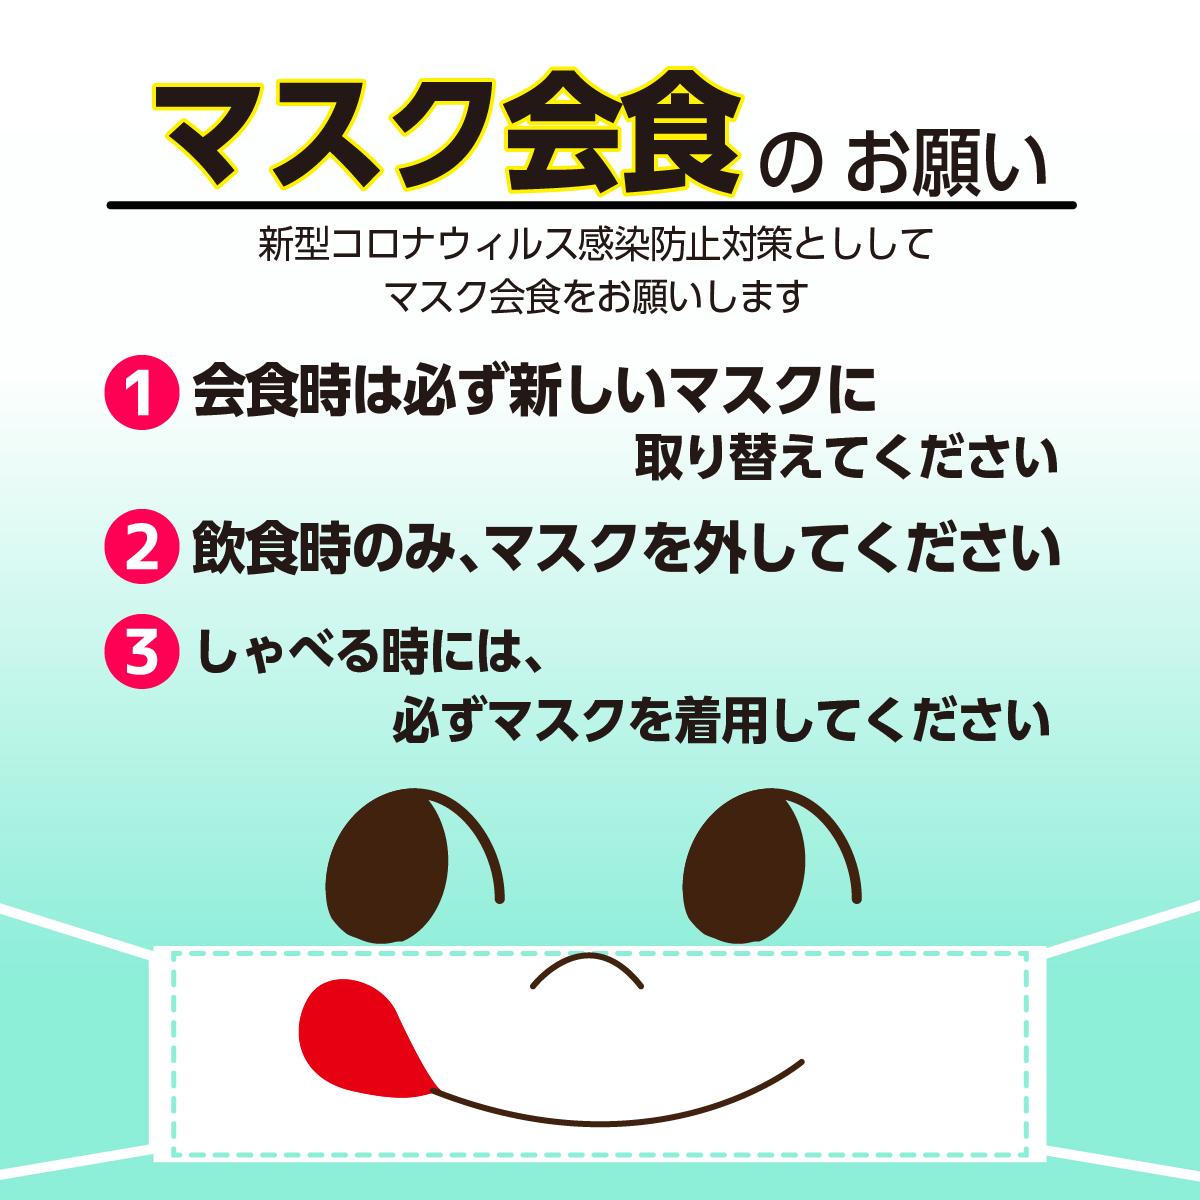 マスク会食イラスト